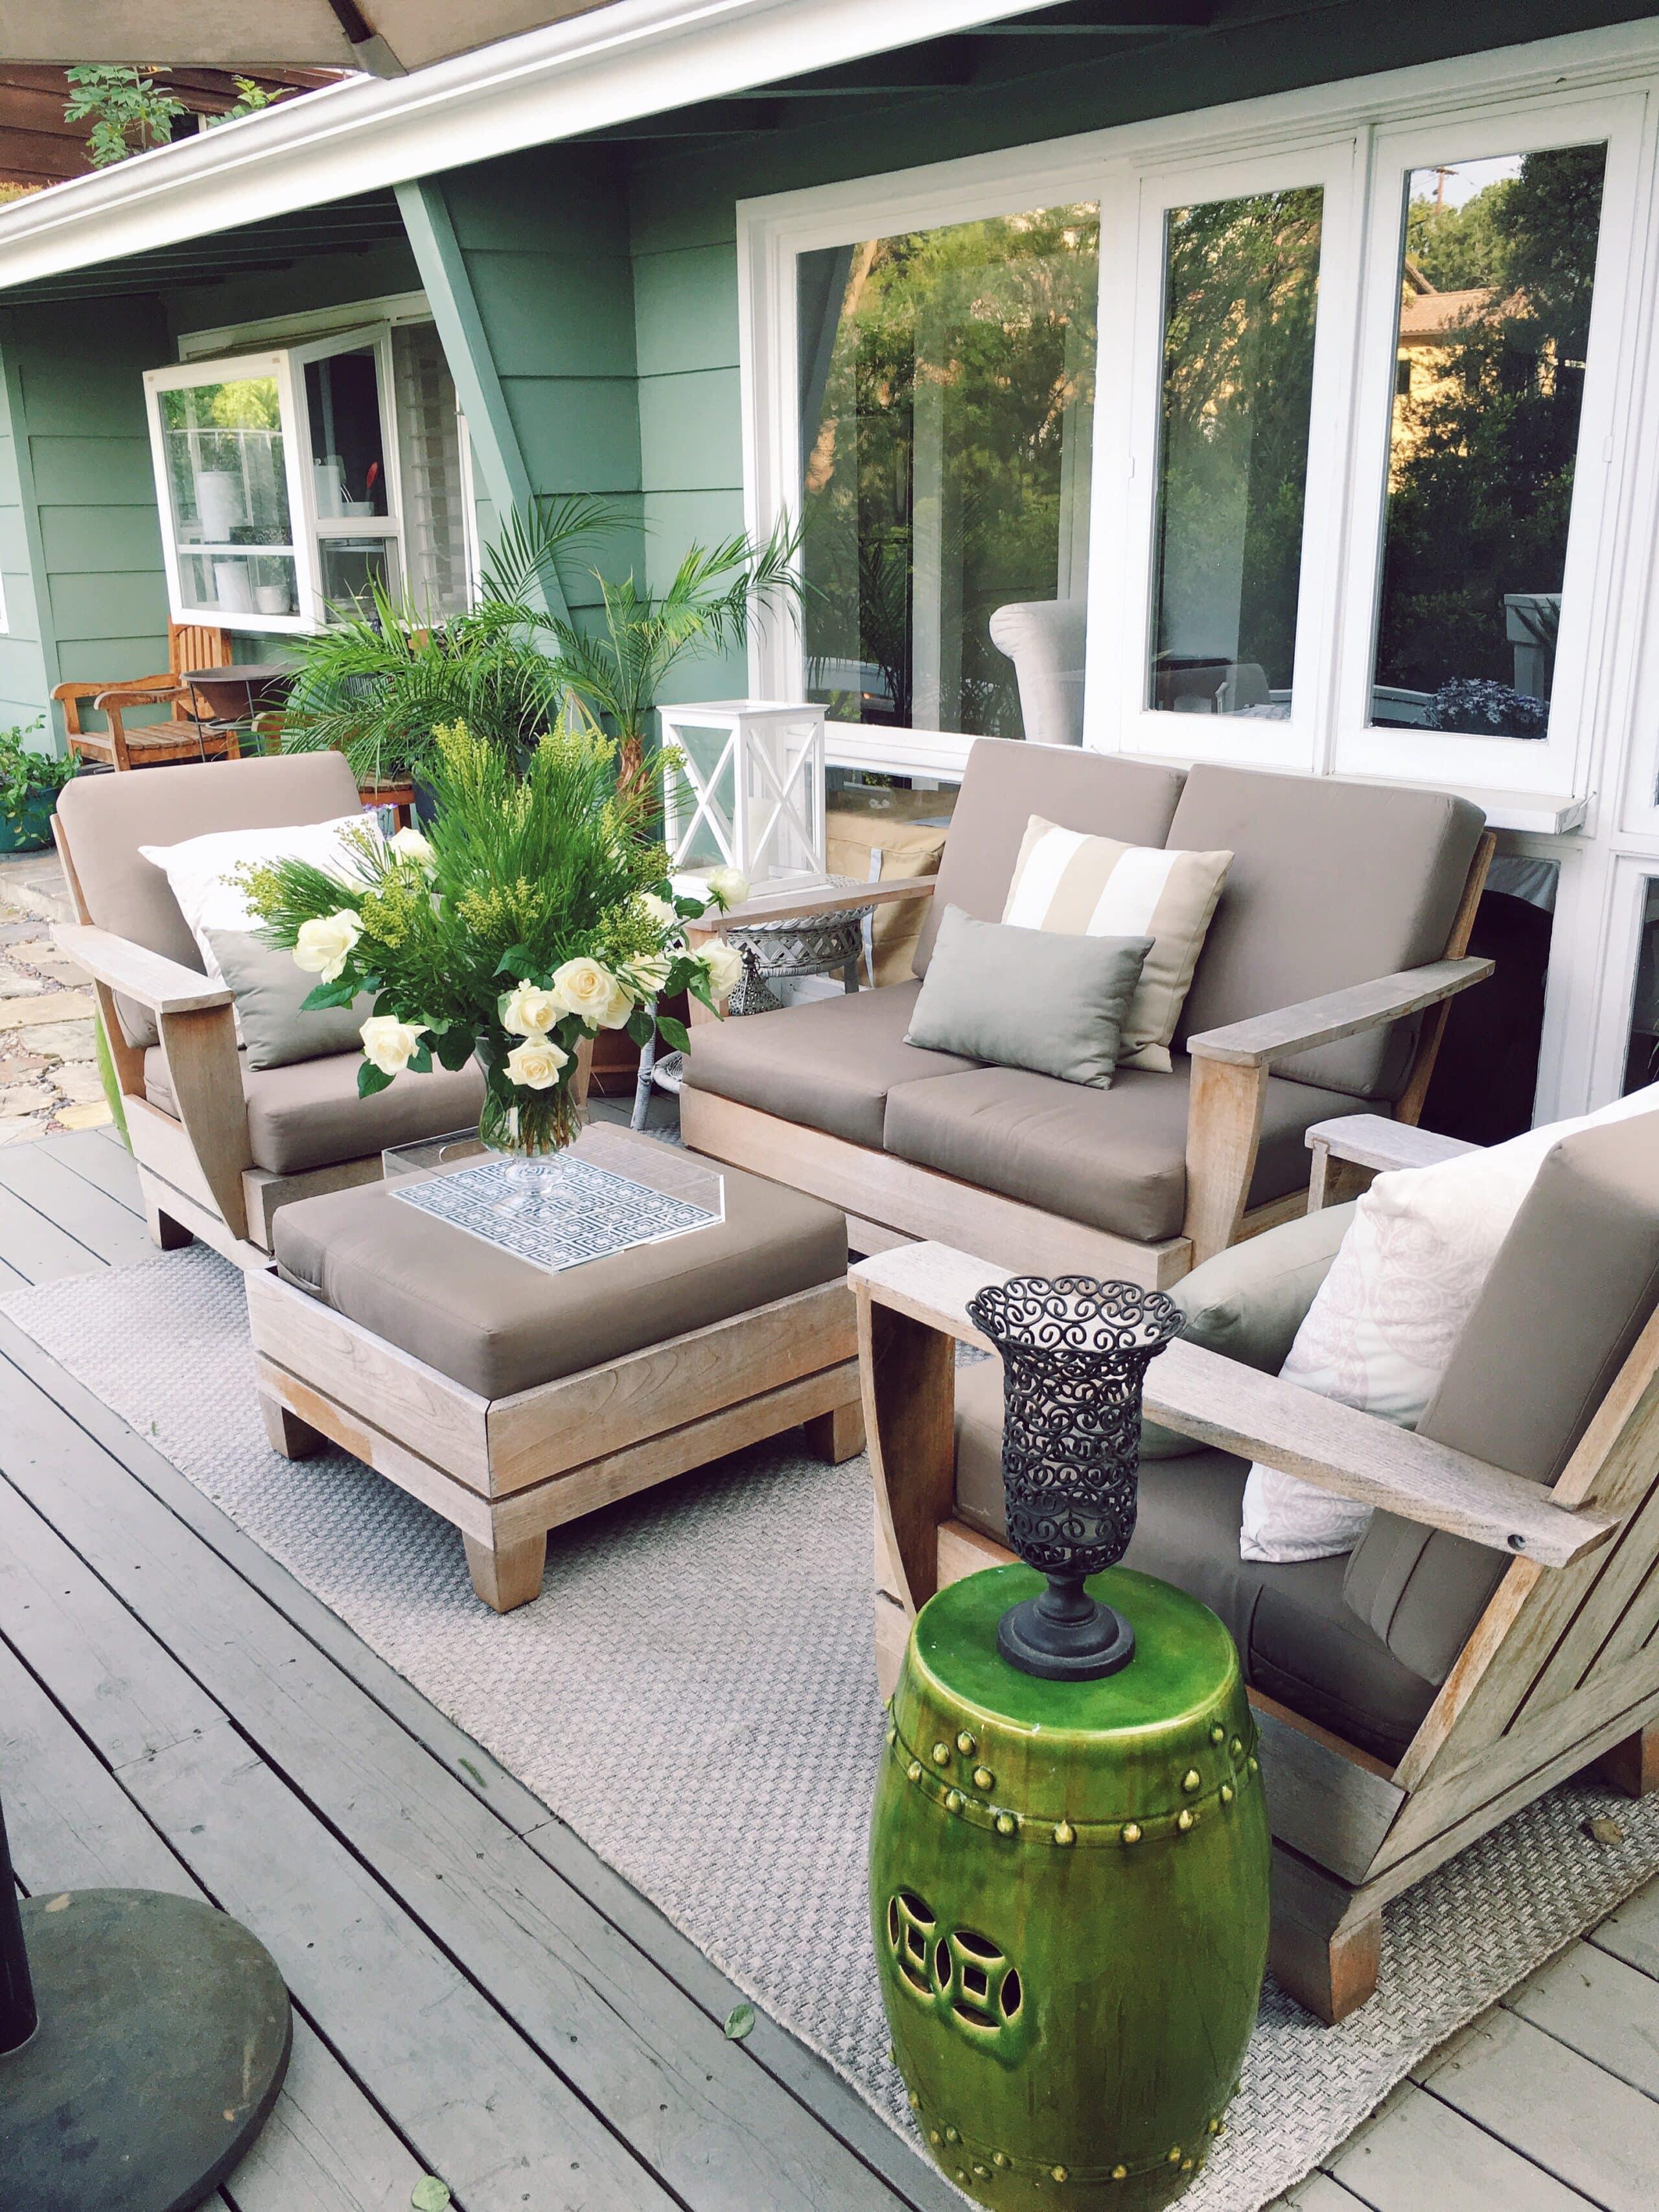 Outdoor deck decor